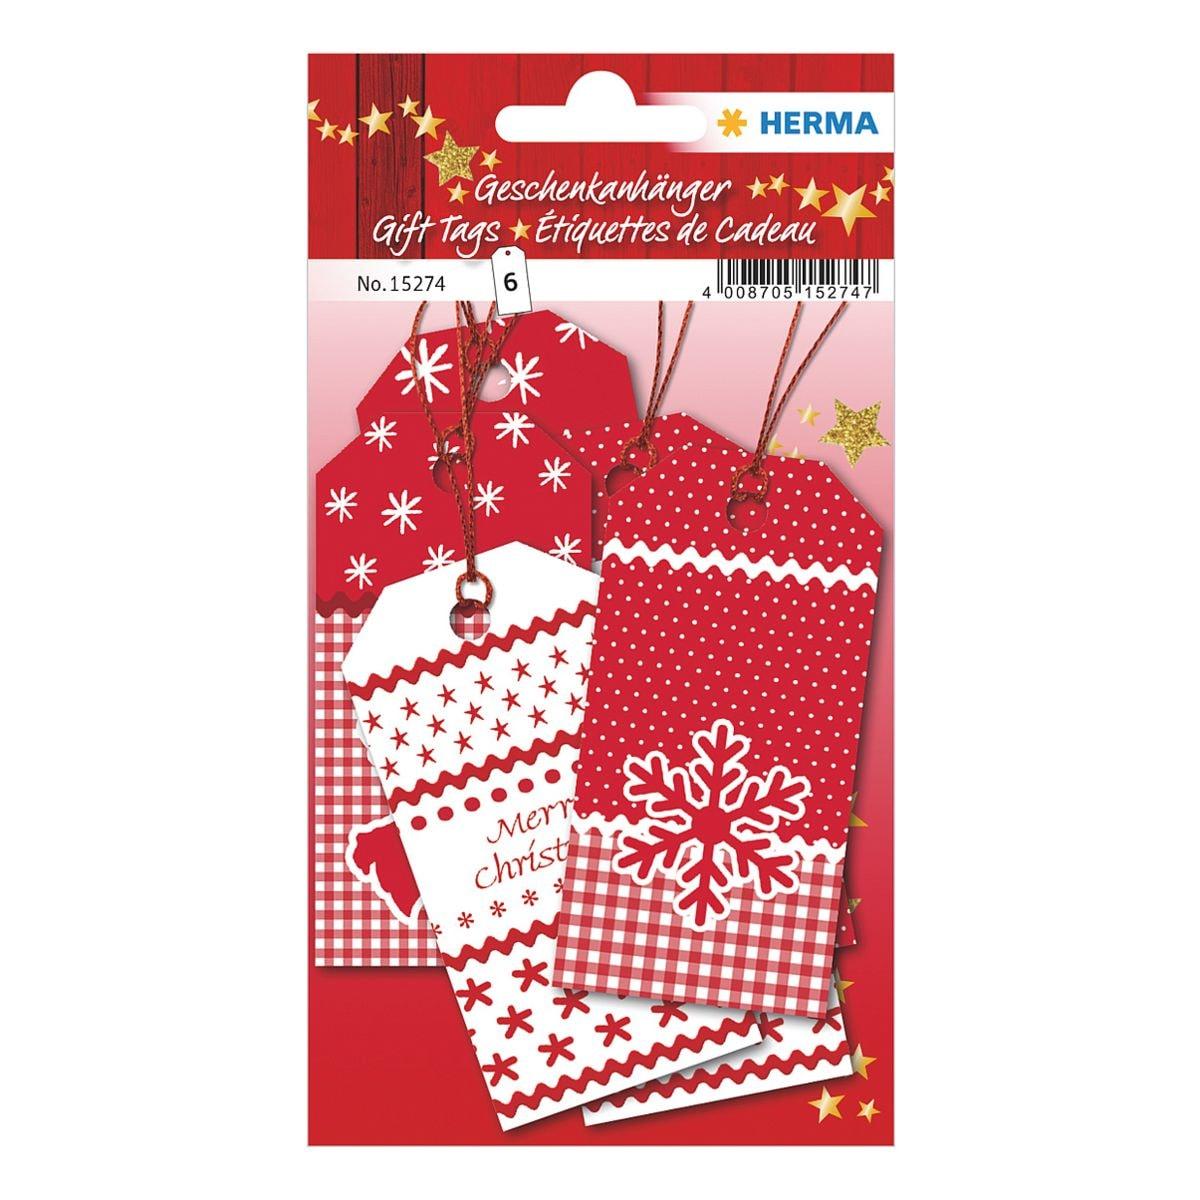 Herma Geschenkanhänger »White Christmas«